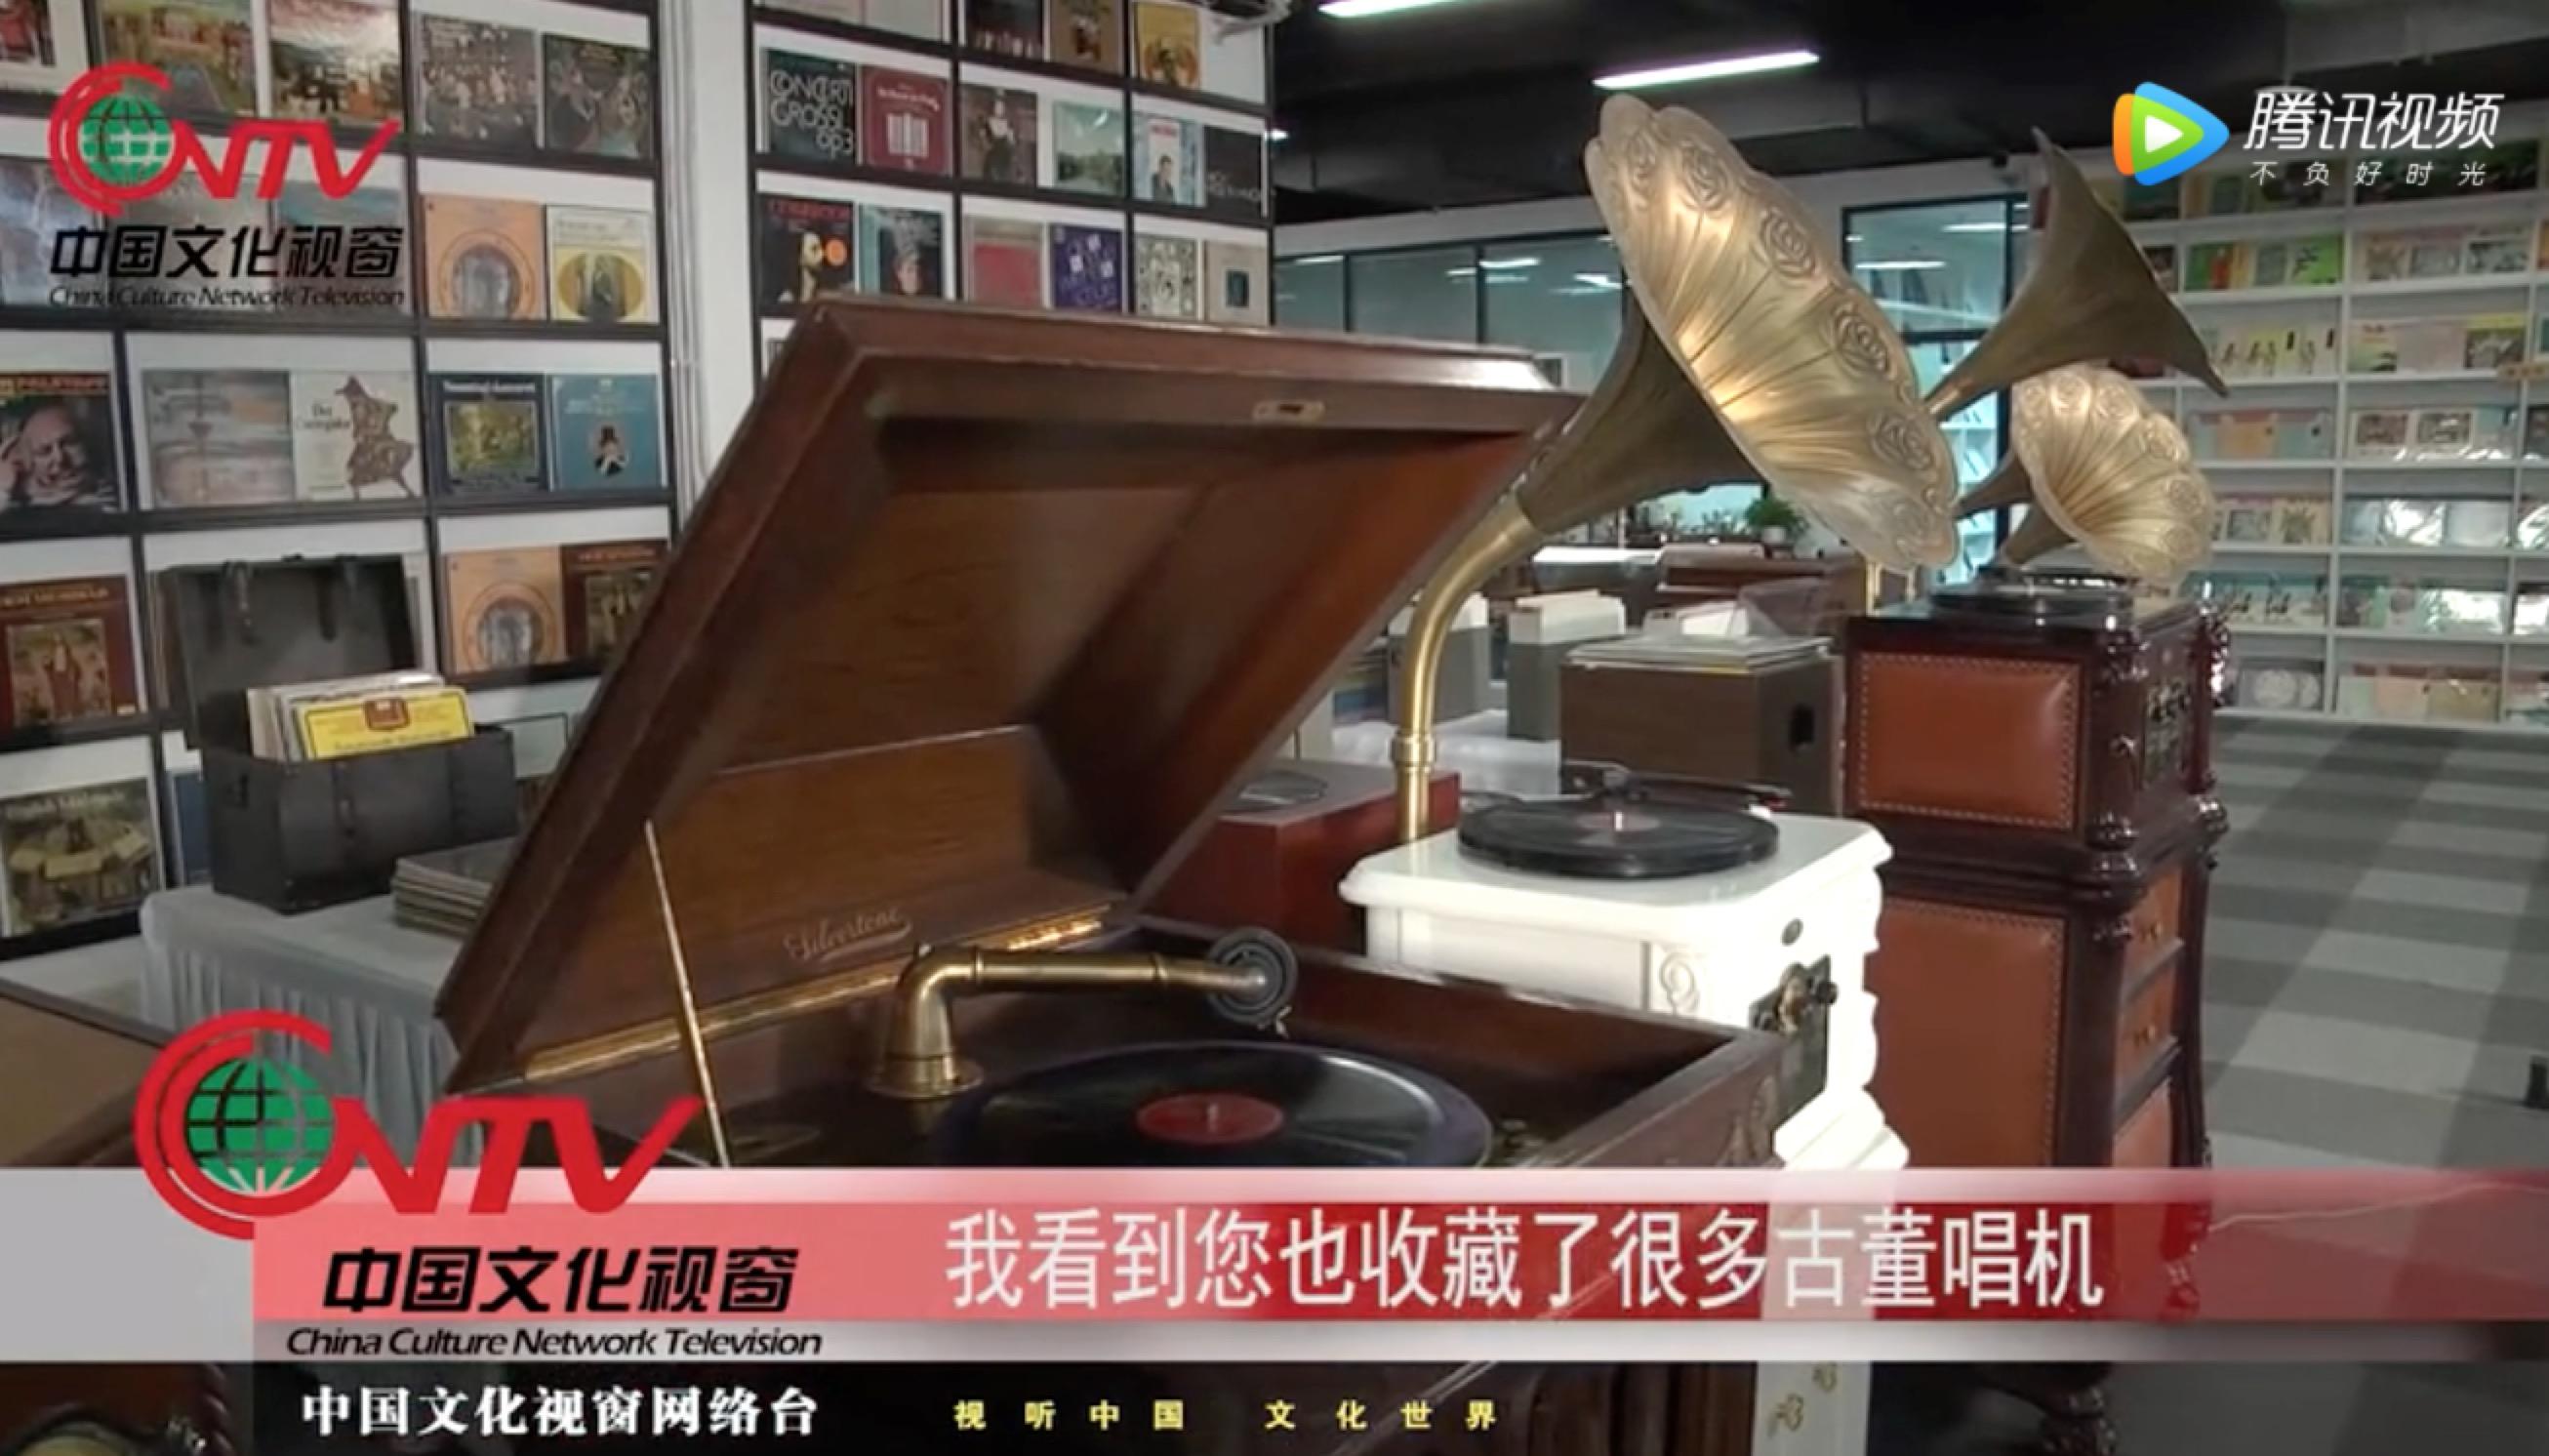 《王红话收藏》带您走进黑胶世界(1)